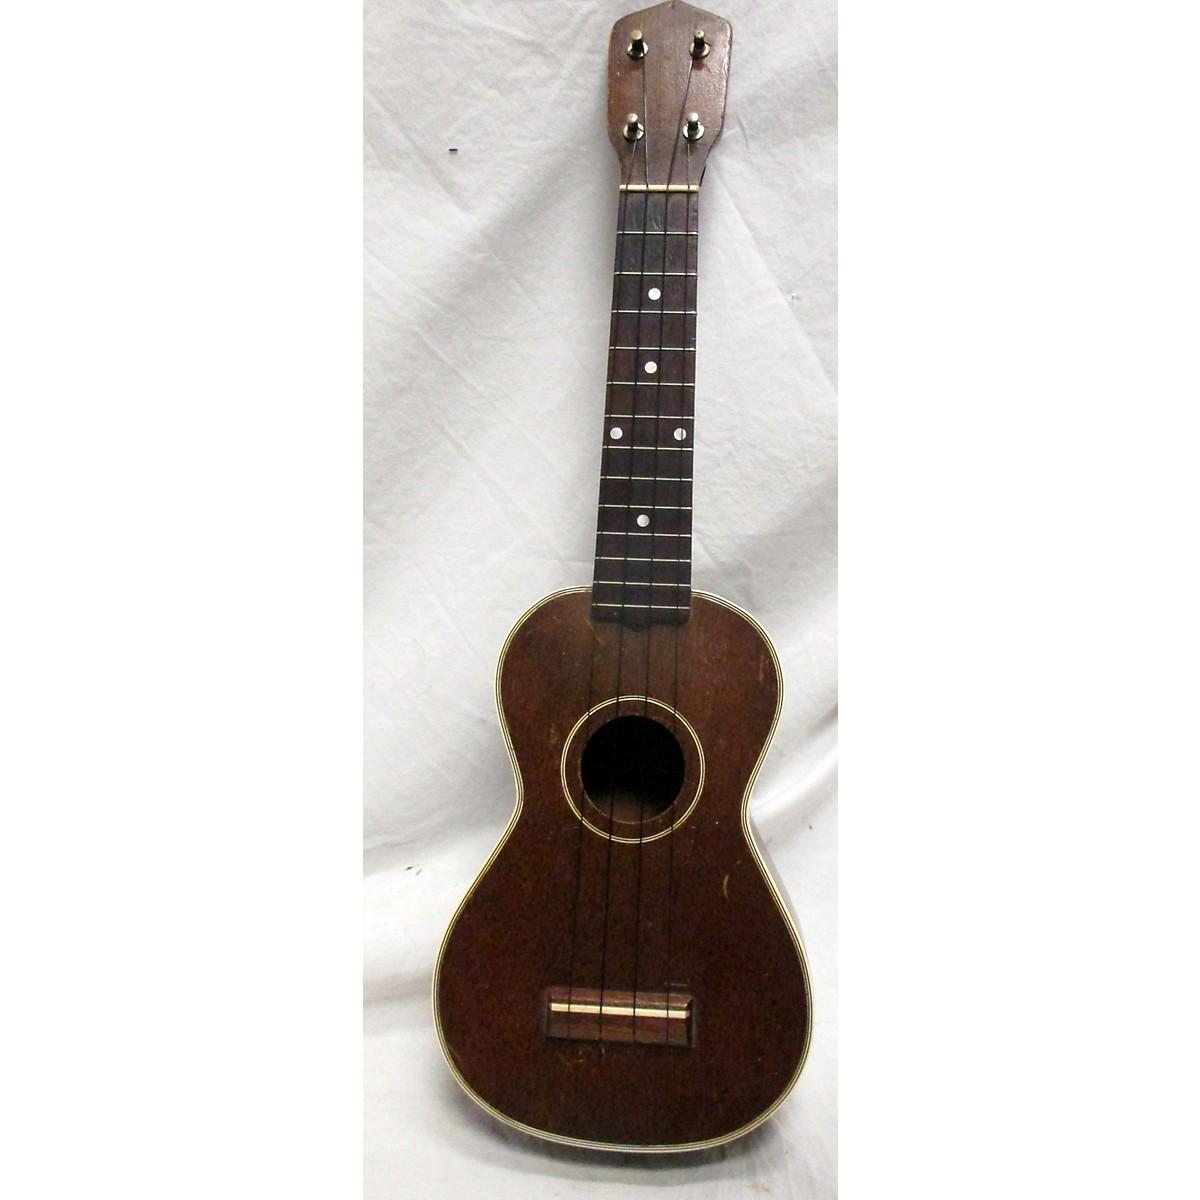 Gibson 1950s Uke-2 Soprano Ukelele Ukulele